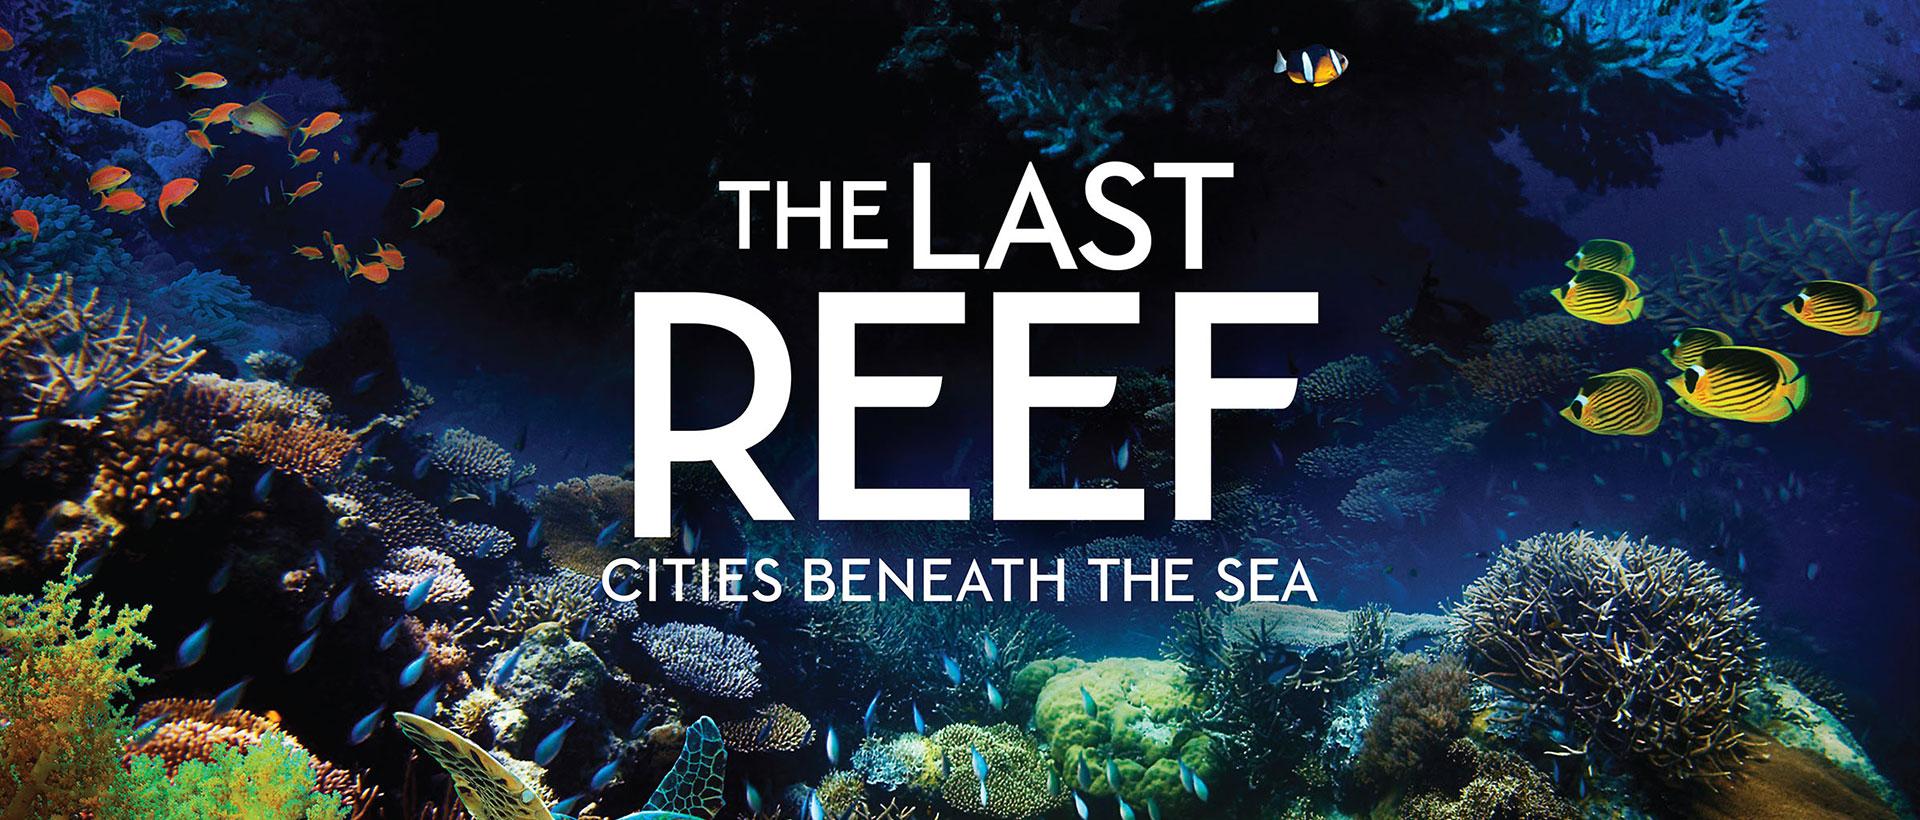 The Last Reef - shot of underwater